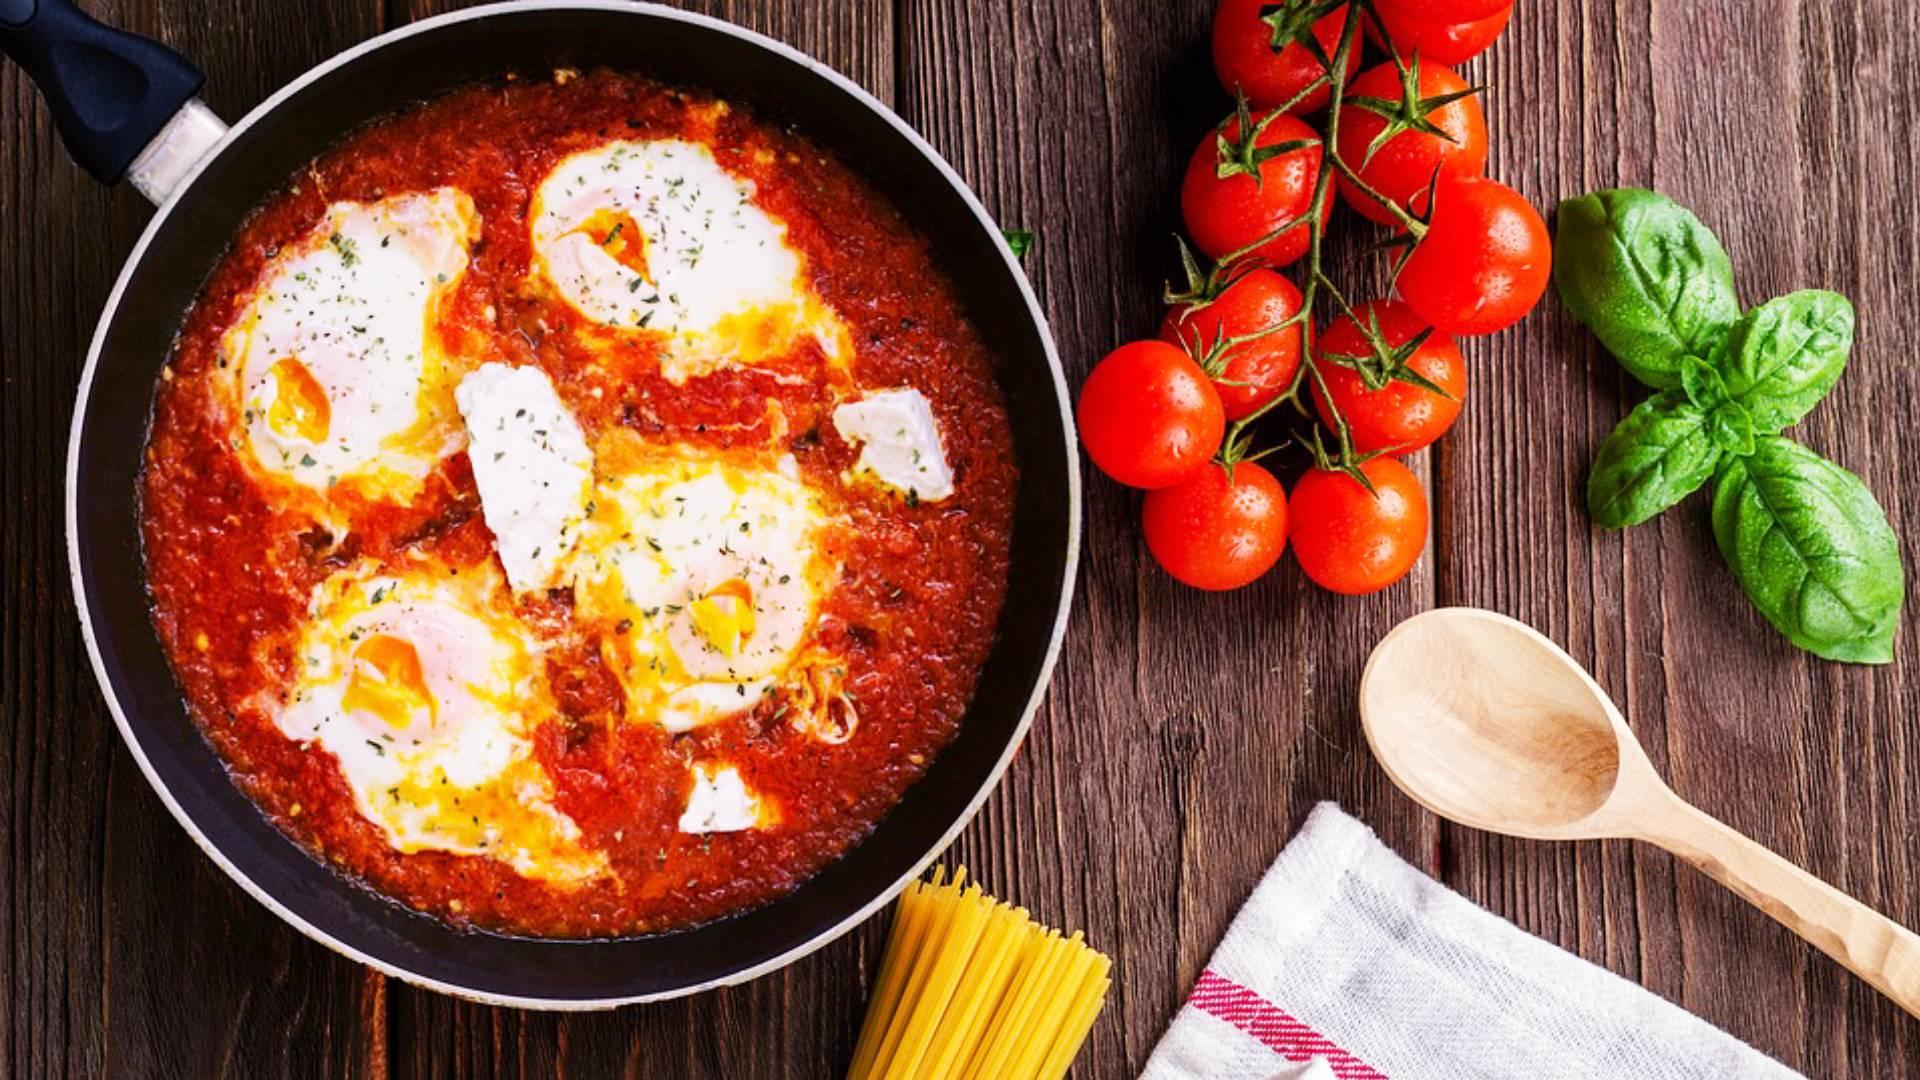 Health Tips: चना, उपमा और दलिया, रात के खाने में इन 5 चीजों को करेंगे शामिल, तो हरदम रहेंगे फिट